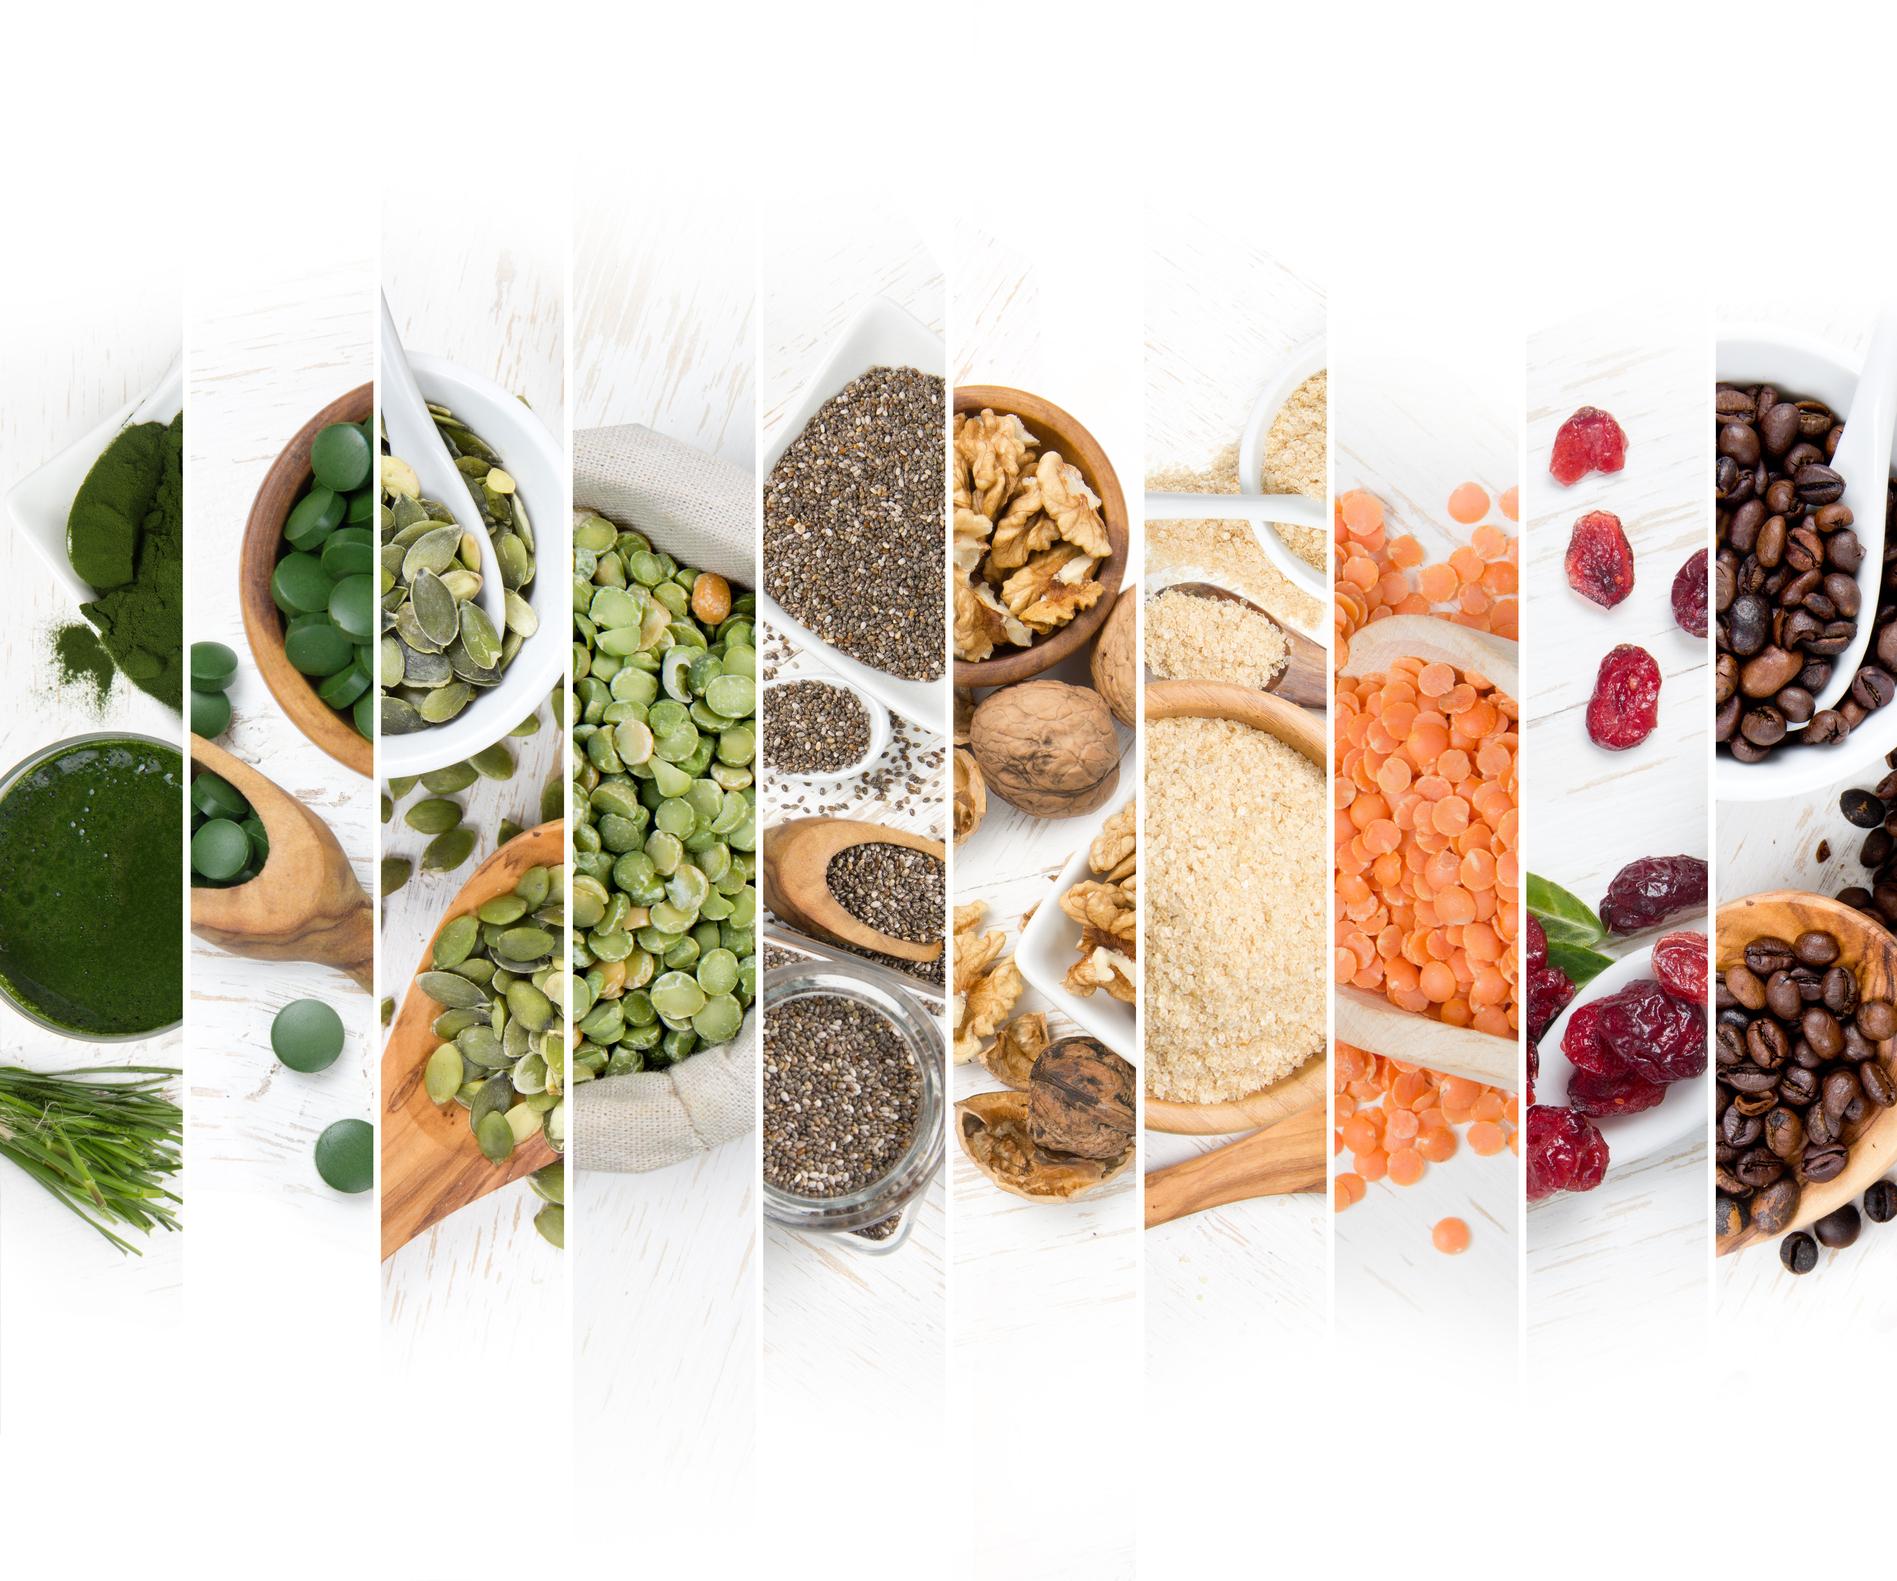 Top 10 alimente sănătoase pe care TREBUIE să le ai în casă mereu!